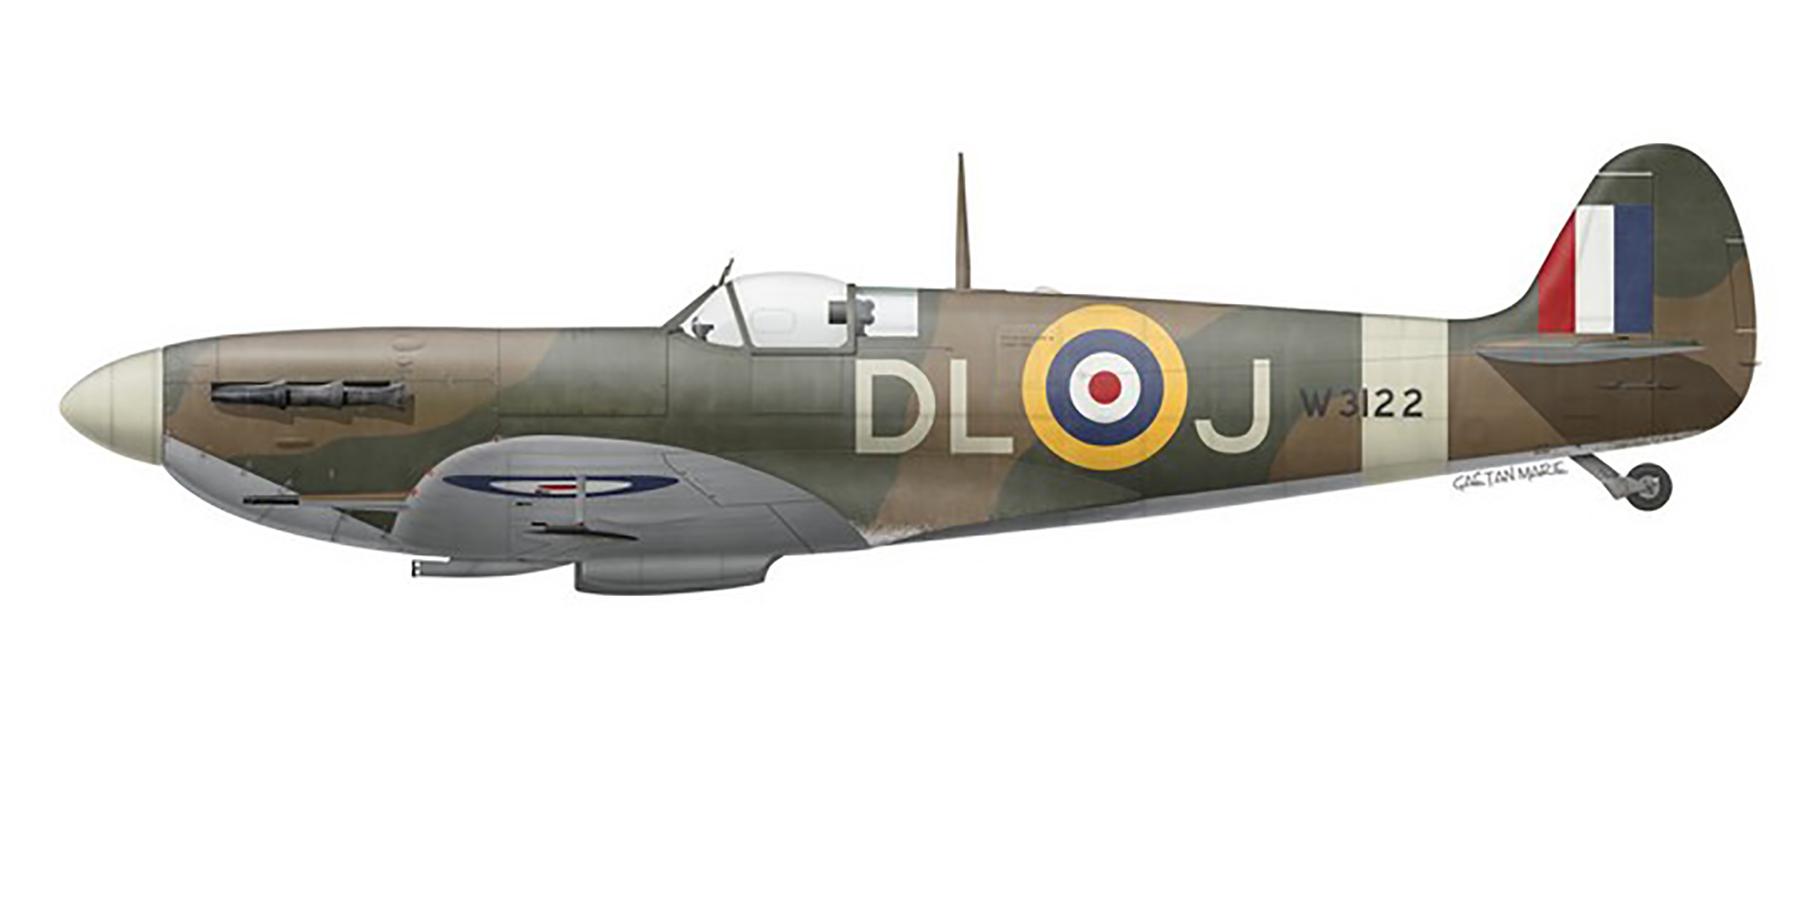 Spitfire MkVb RAF 91Sqn DLJ Jean Demozay W3122 Hawkinge 16th Sep 1941 0B